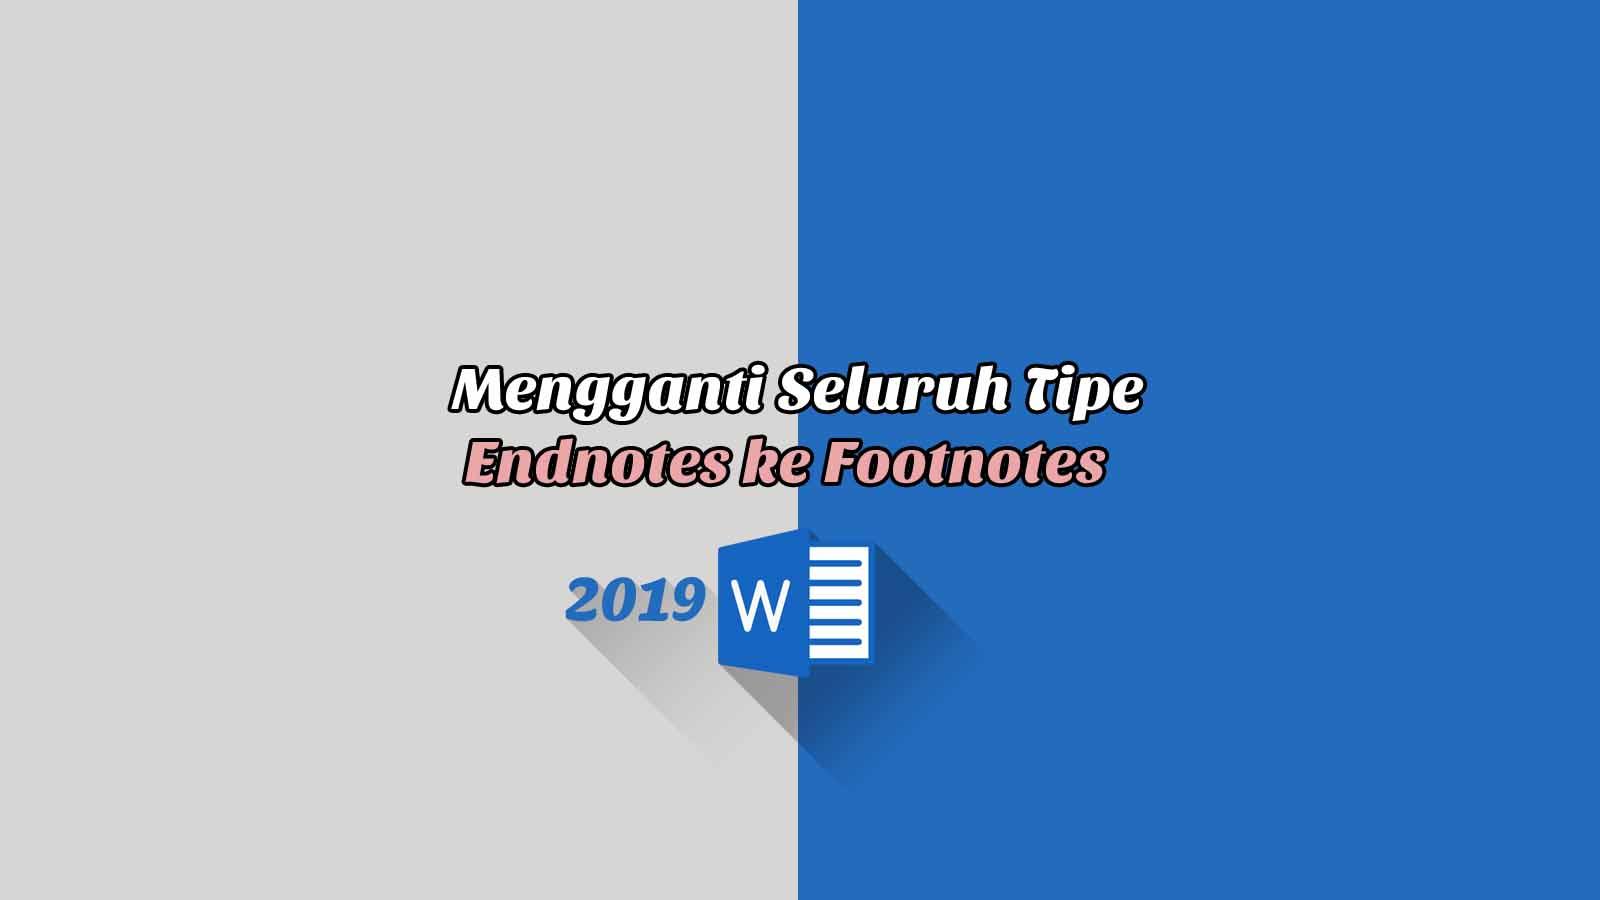 Mengganti Seluruh Tipe Endnotes ke Footnotes - Word 2019